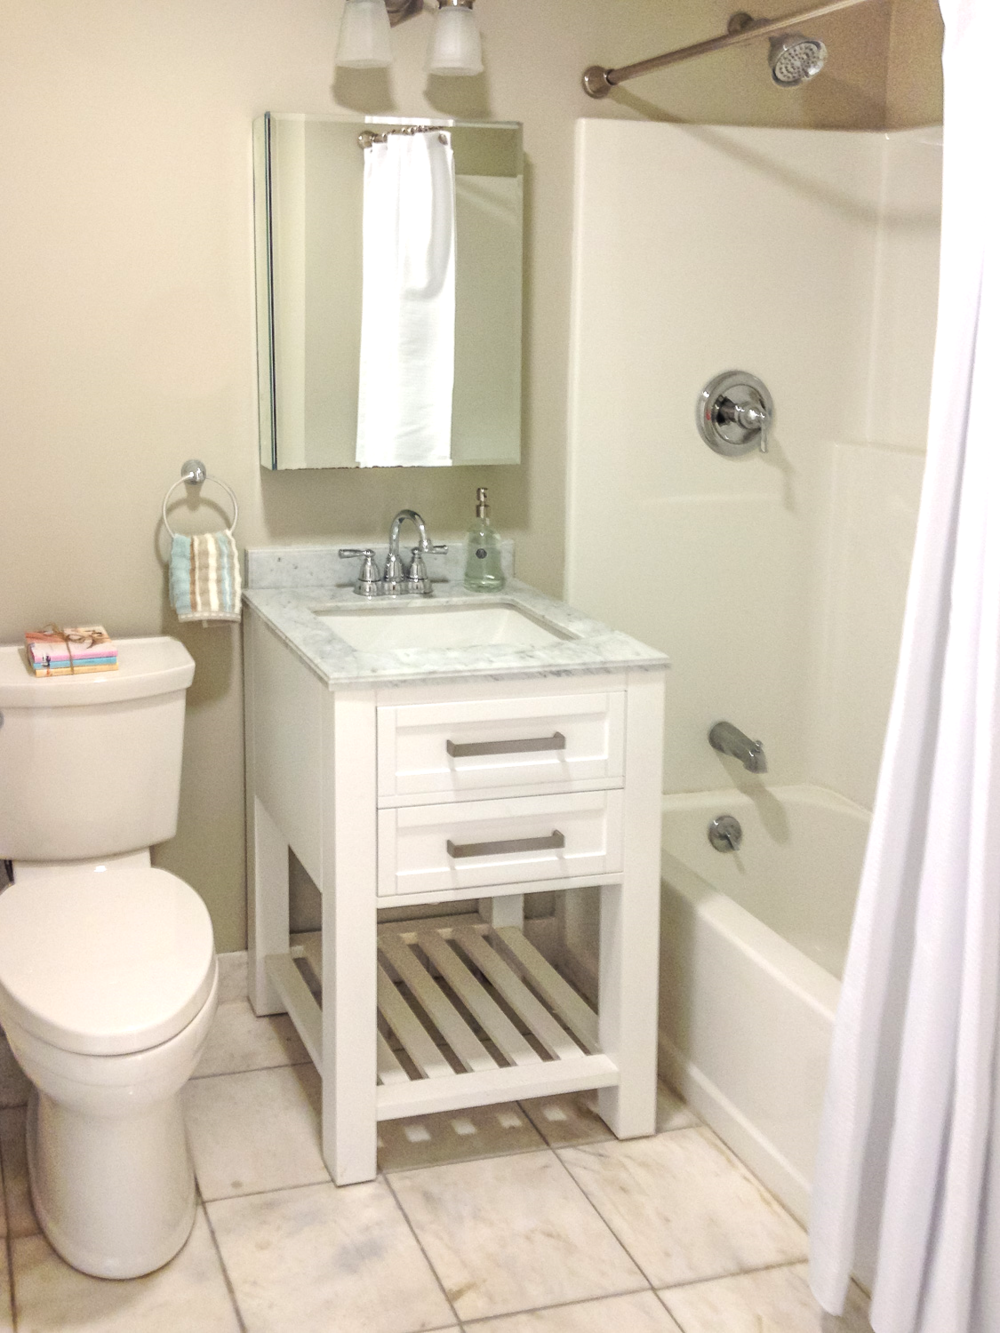 Home Styling Bathroom, Charlestown, MA